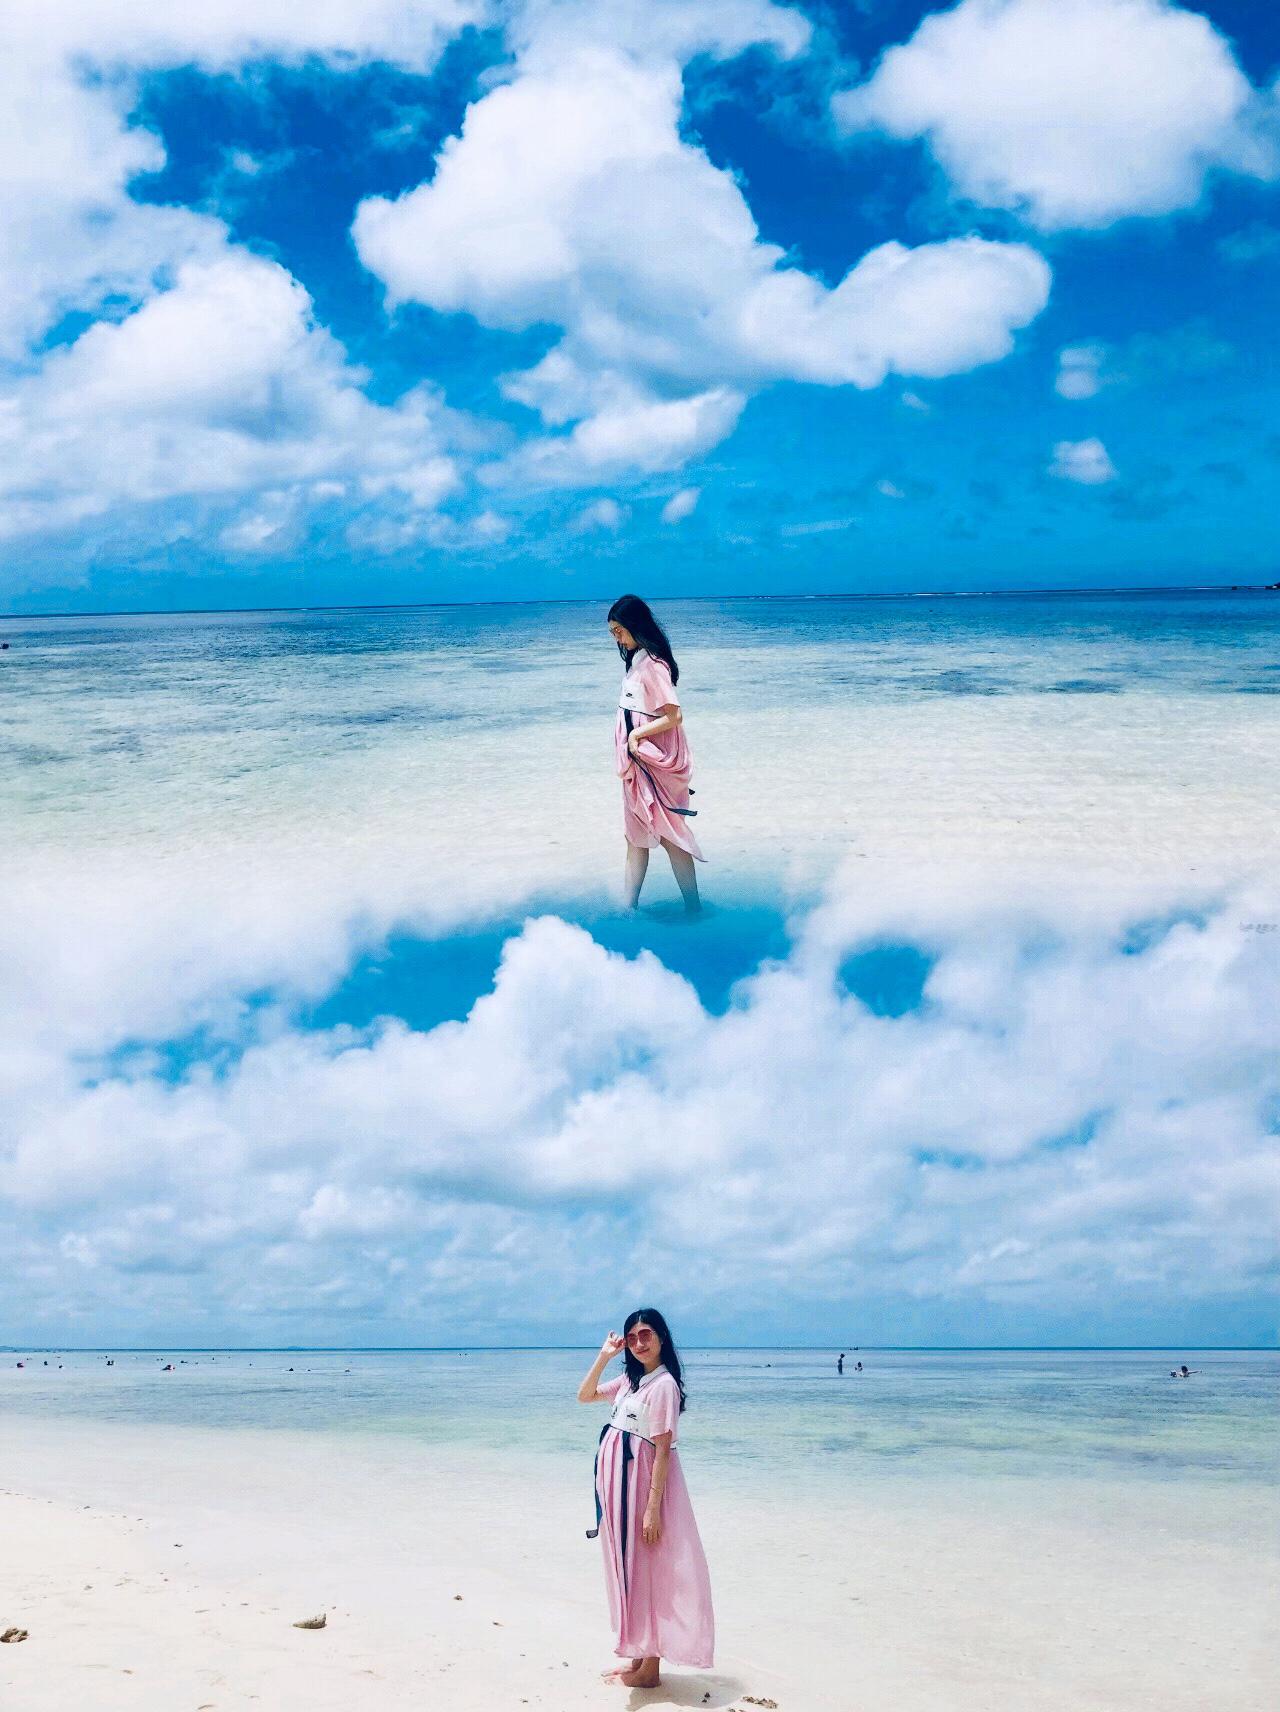 日本歌诗达邮轮冲绳+宫古岛,攻略看这篇就够了